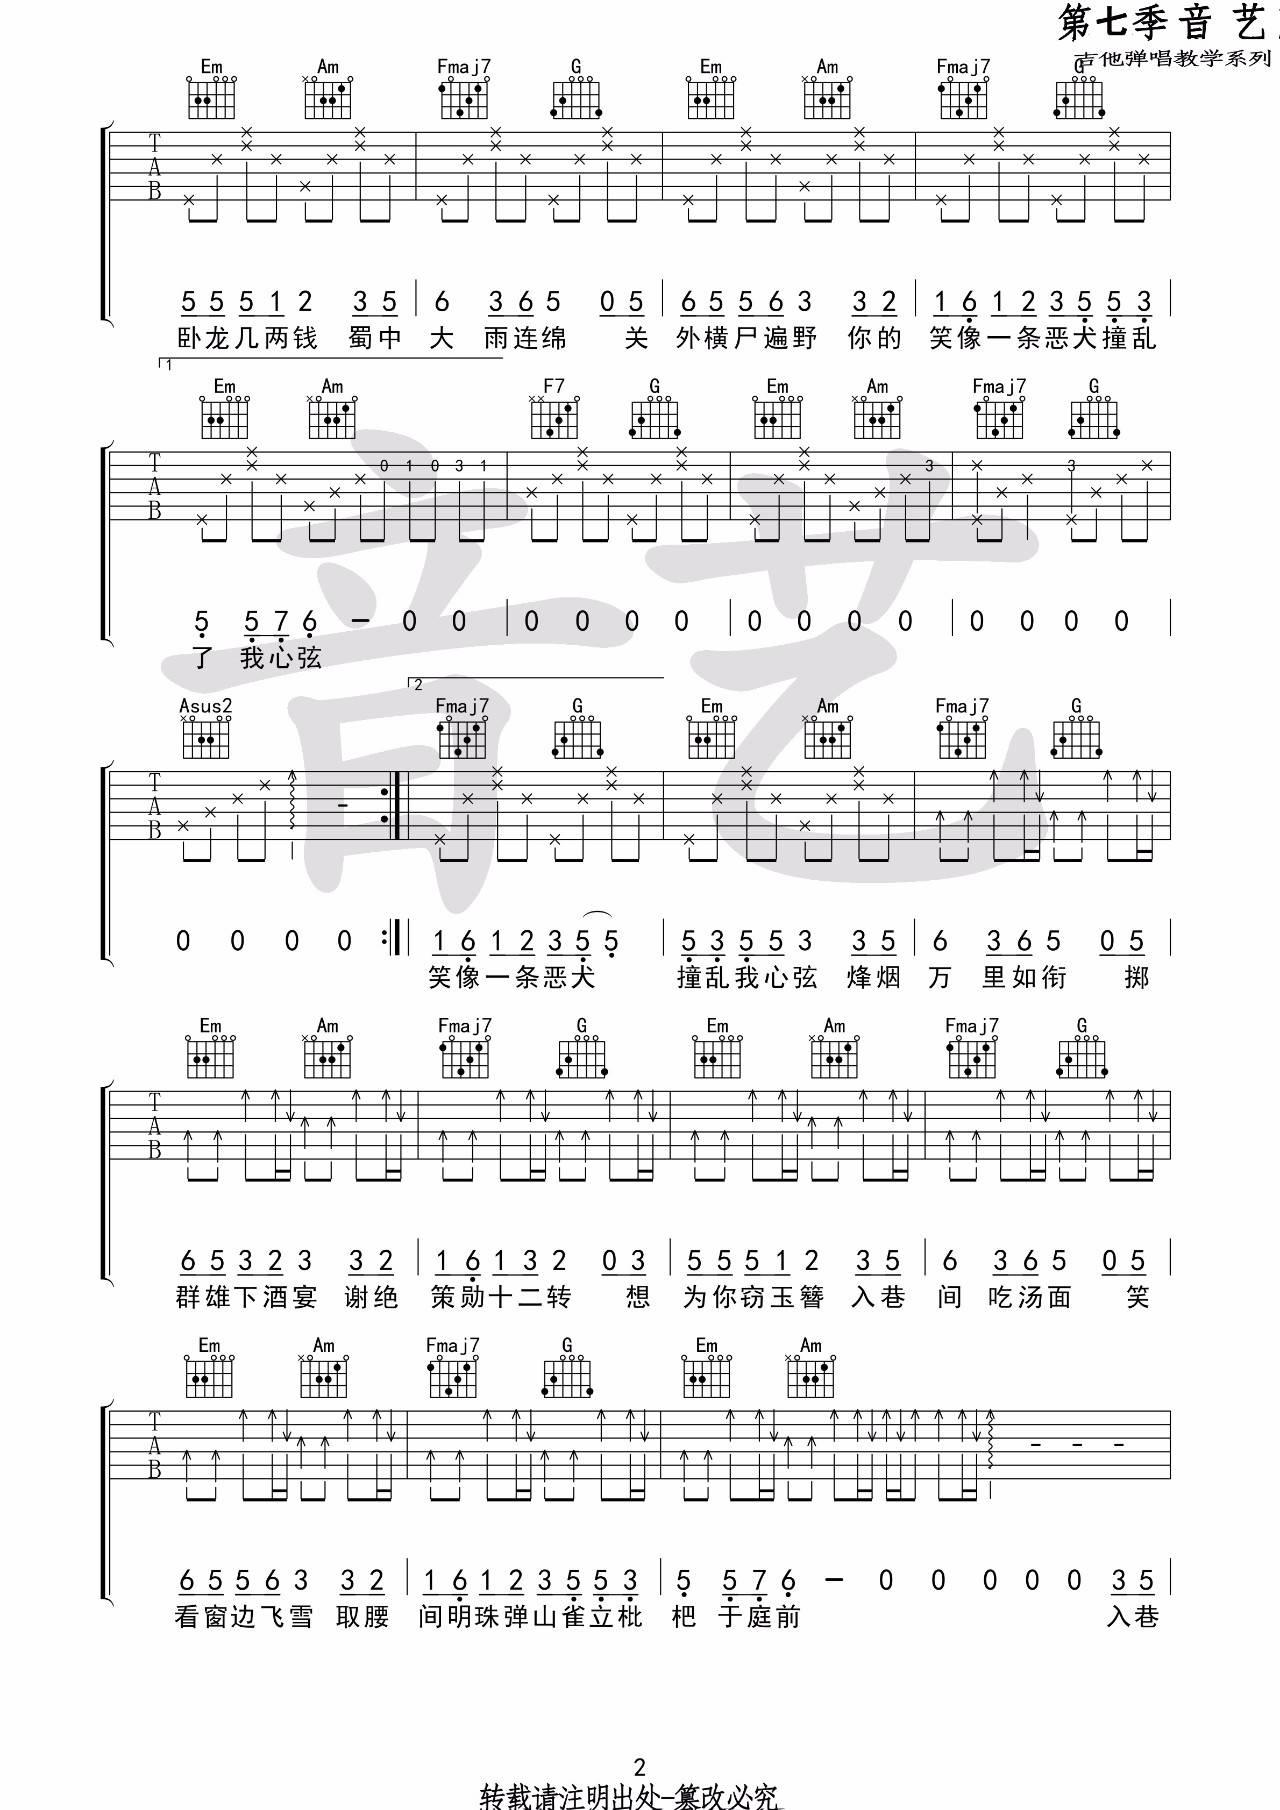 吉他派《盗将行》吉他谱吉他专家版-2